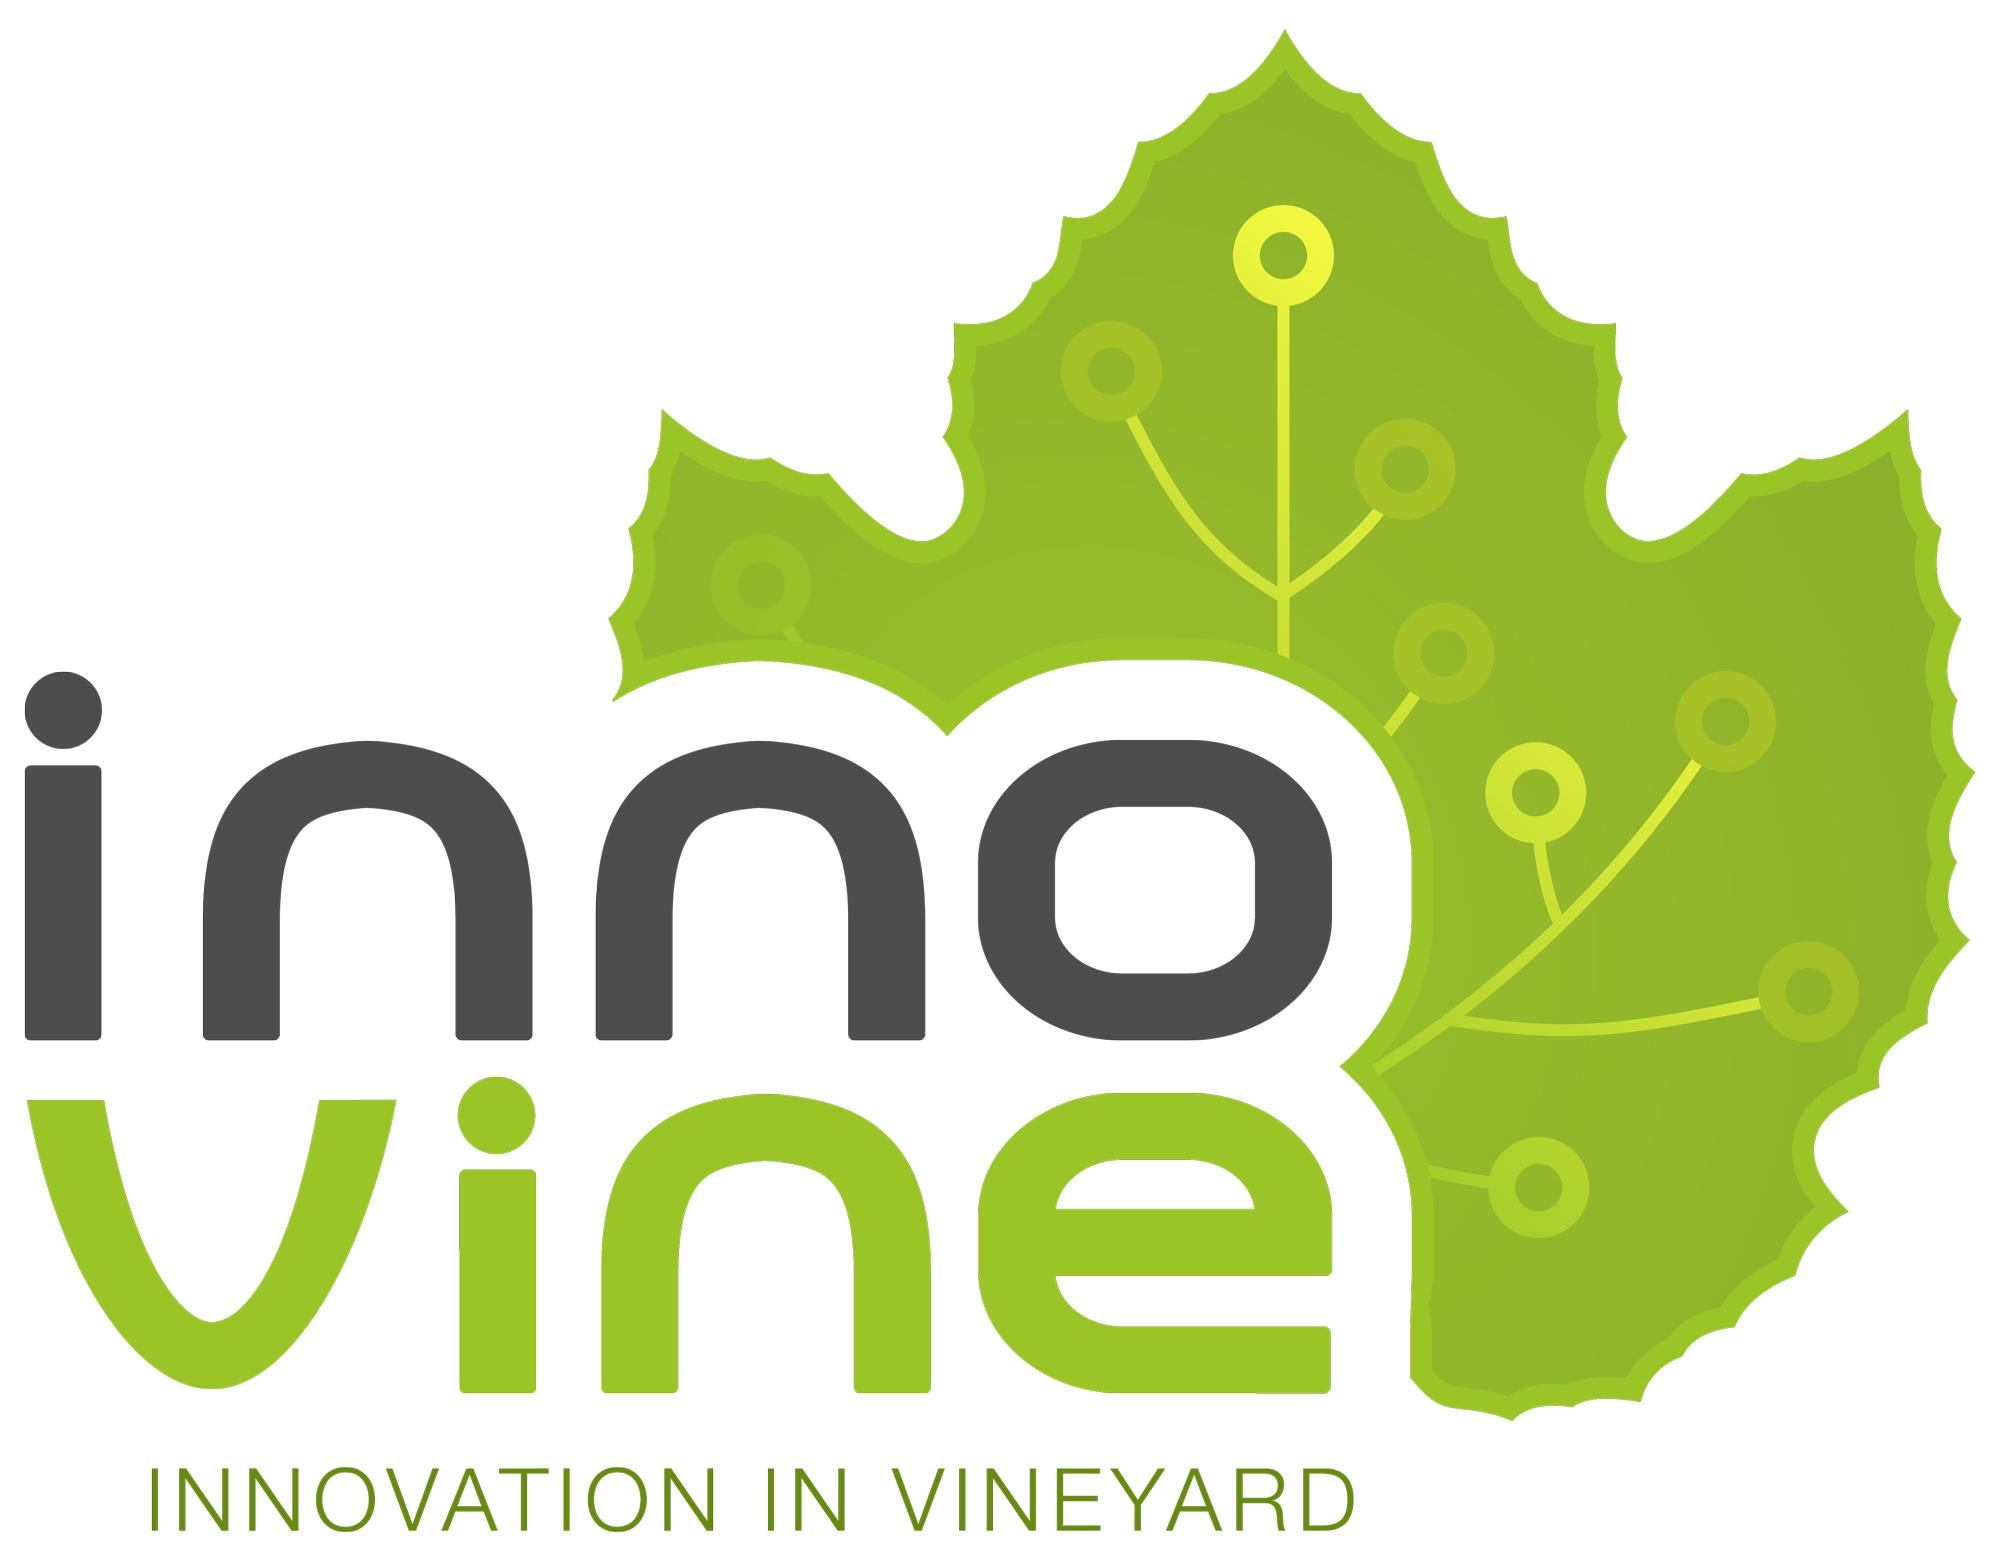 Il progetto InnoVine intende ottimizzare i vigneti dal punto di vista logistico e genetico.